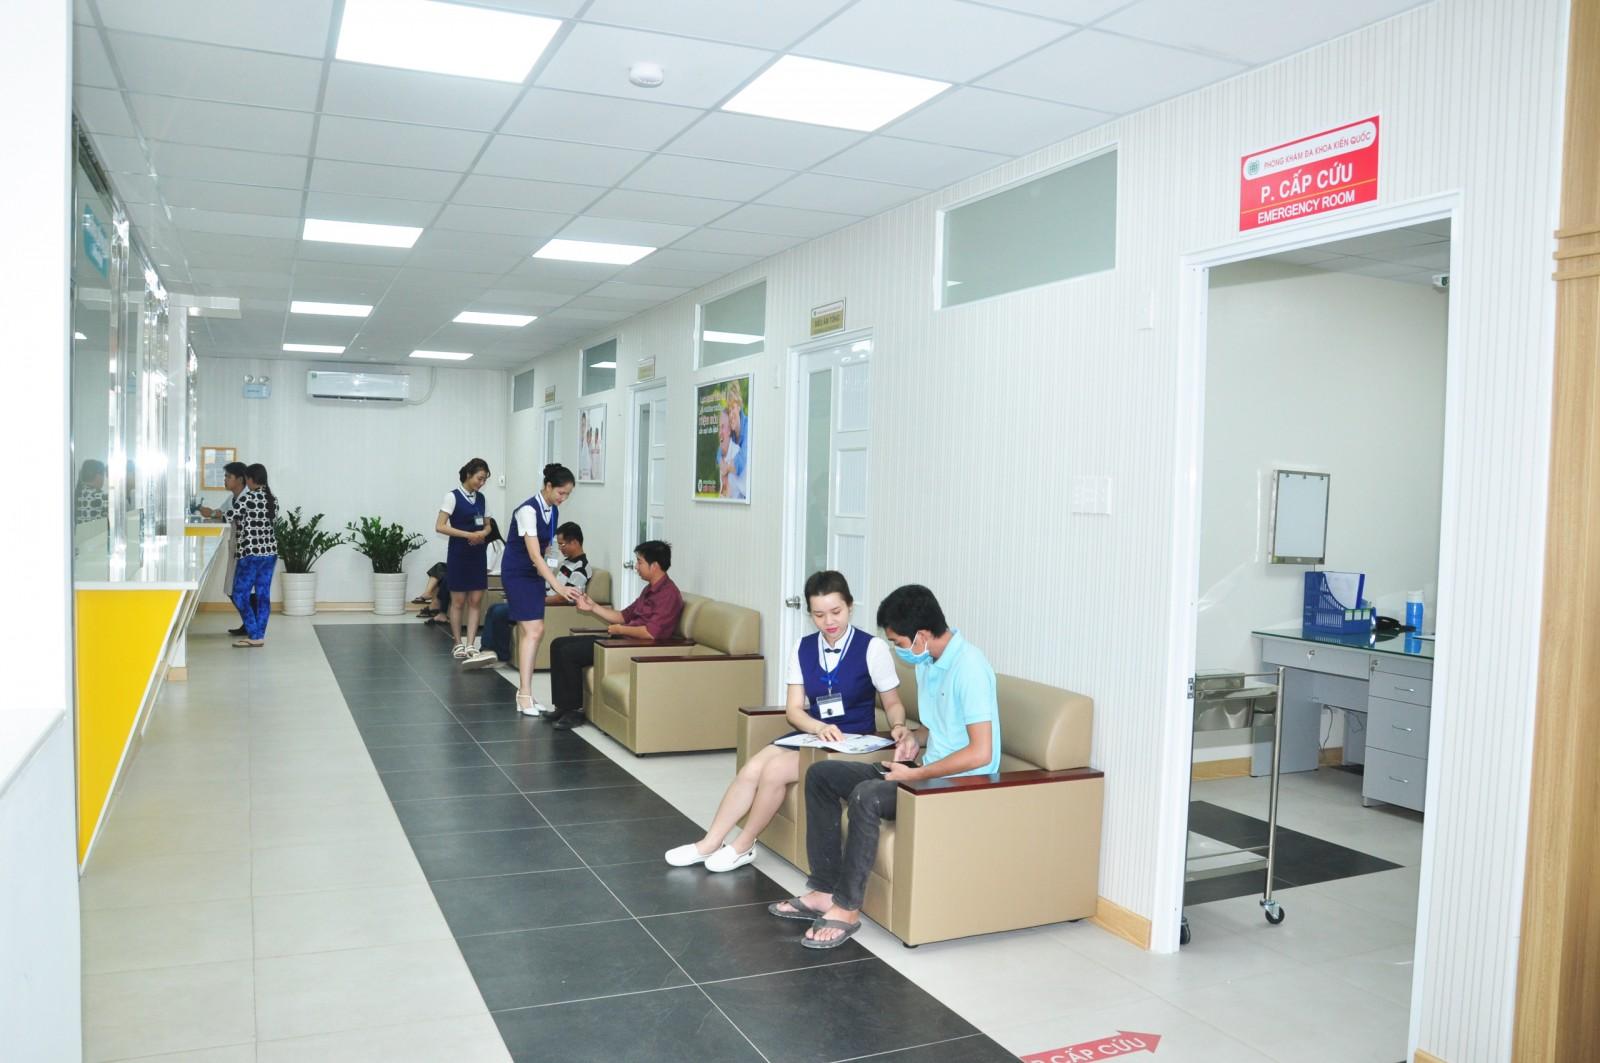 Phòng khám bệnh xã hội tốt ở Bắc Ninh